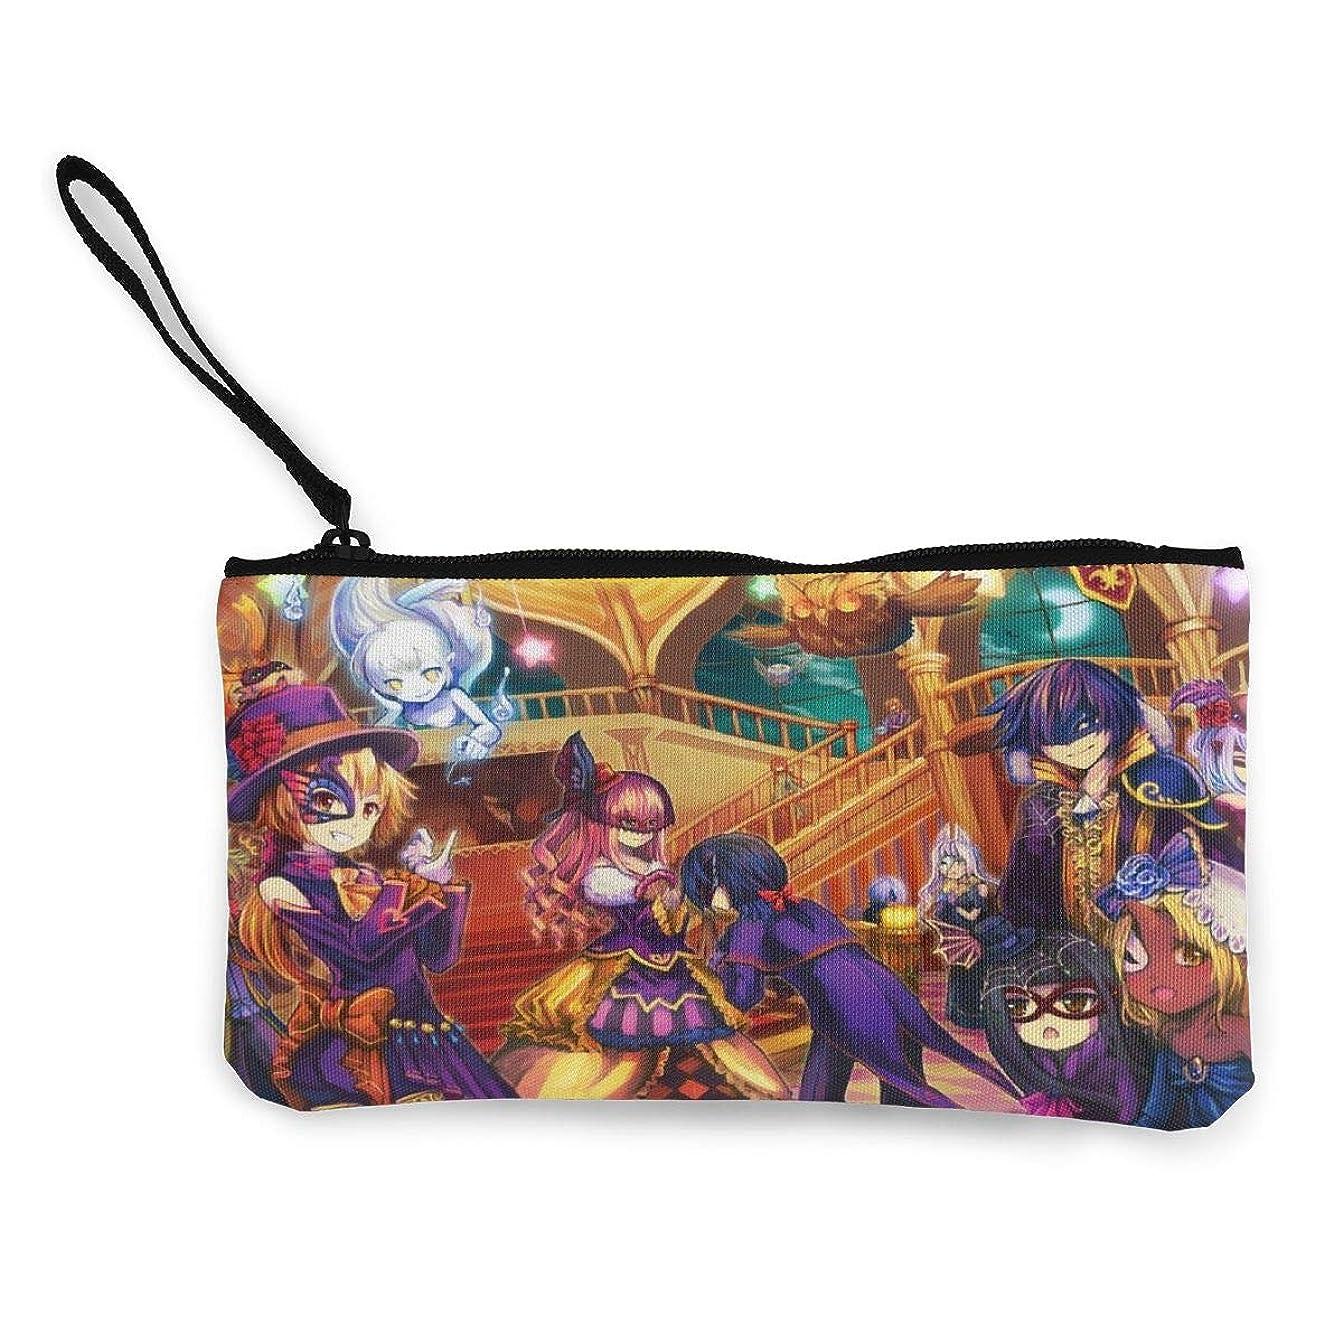 資格犬レジデンス財布 キャンバスコインポケット ハロウィン魔女 小さなオブジェクトを保存する ストレージライティングツール、描画定規、ペン、ステッカー、化粧品、口紅、マスカラ、小さな収納キャンバスバッグ